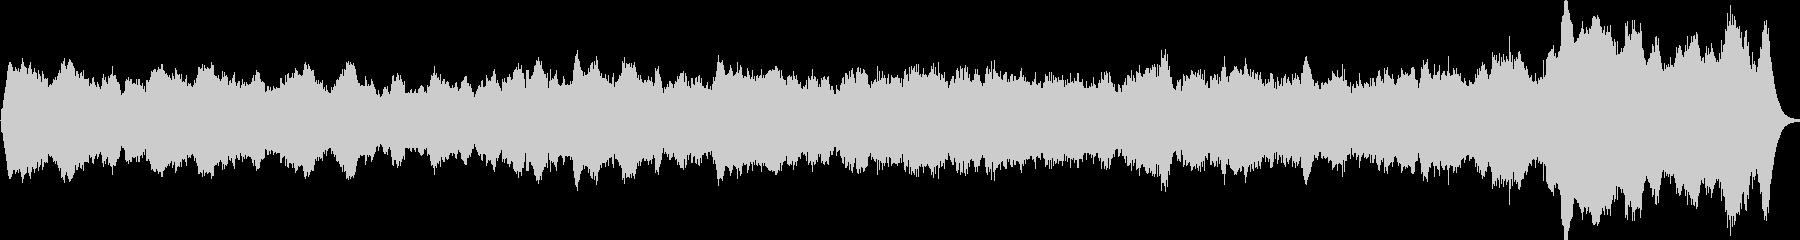 パイプオルガンの曲です。50秒 荘厳の未再生の波形